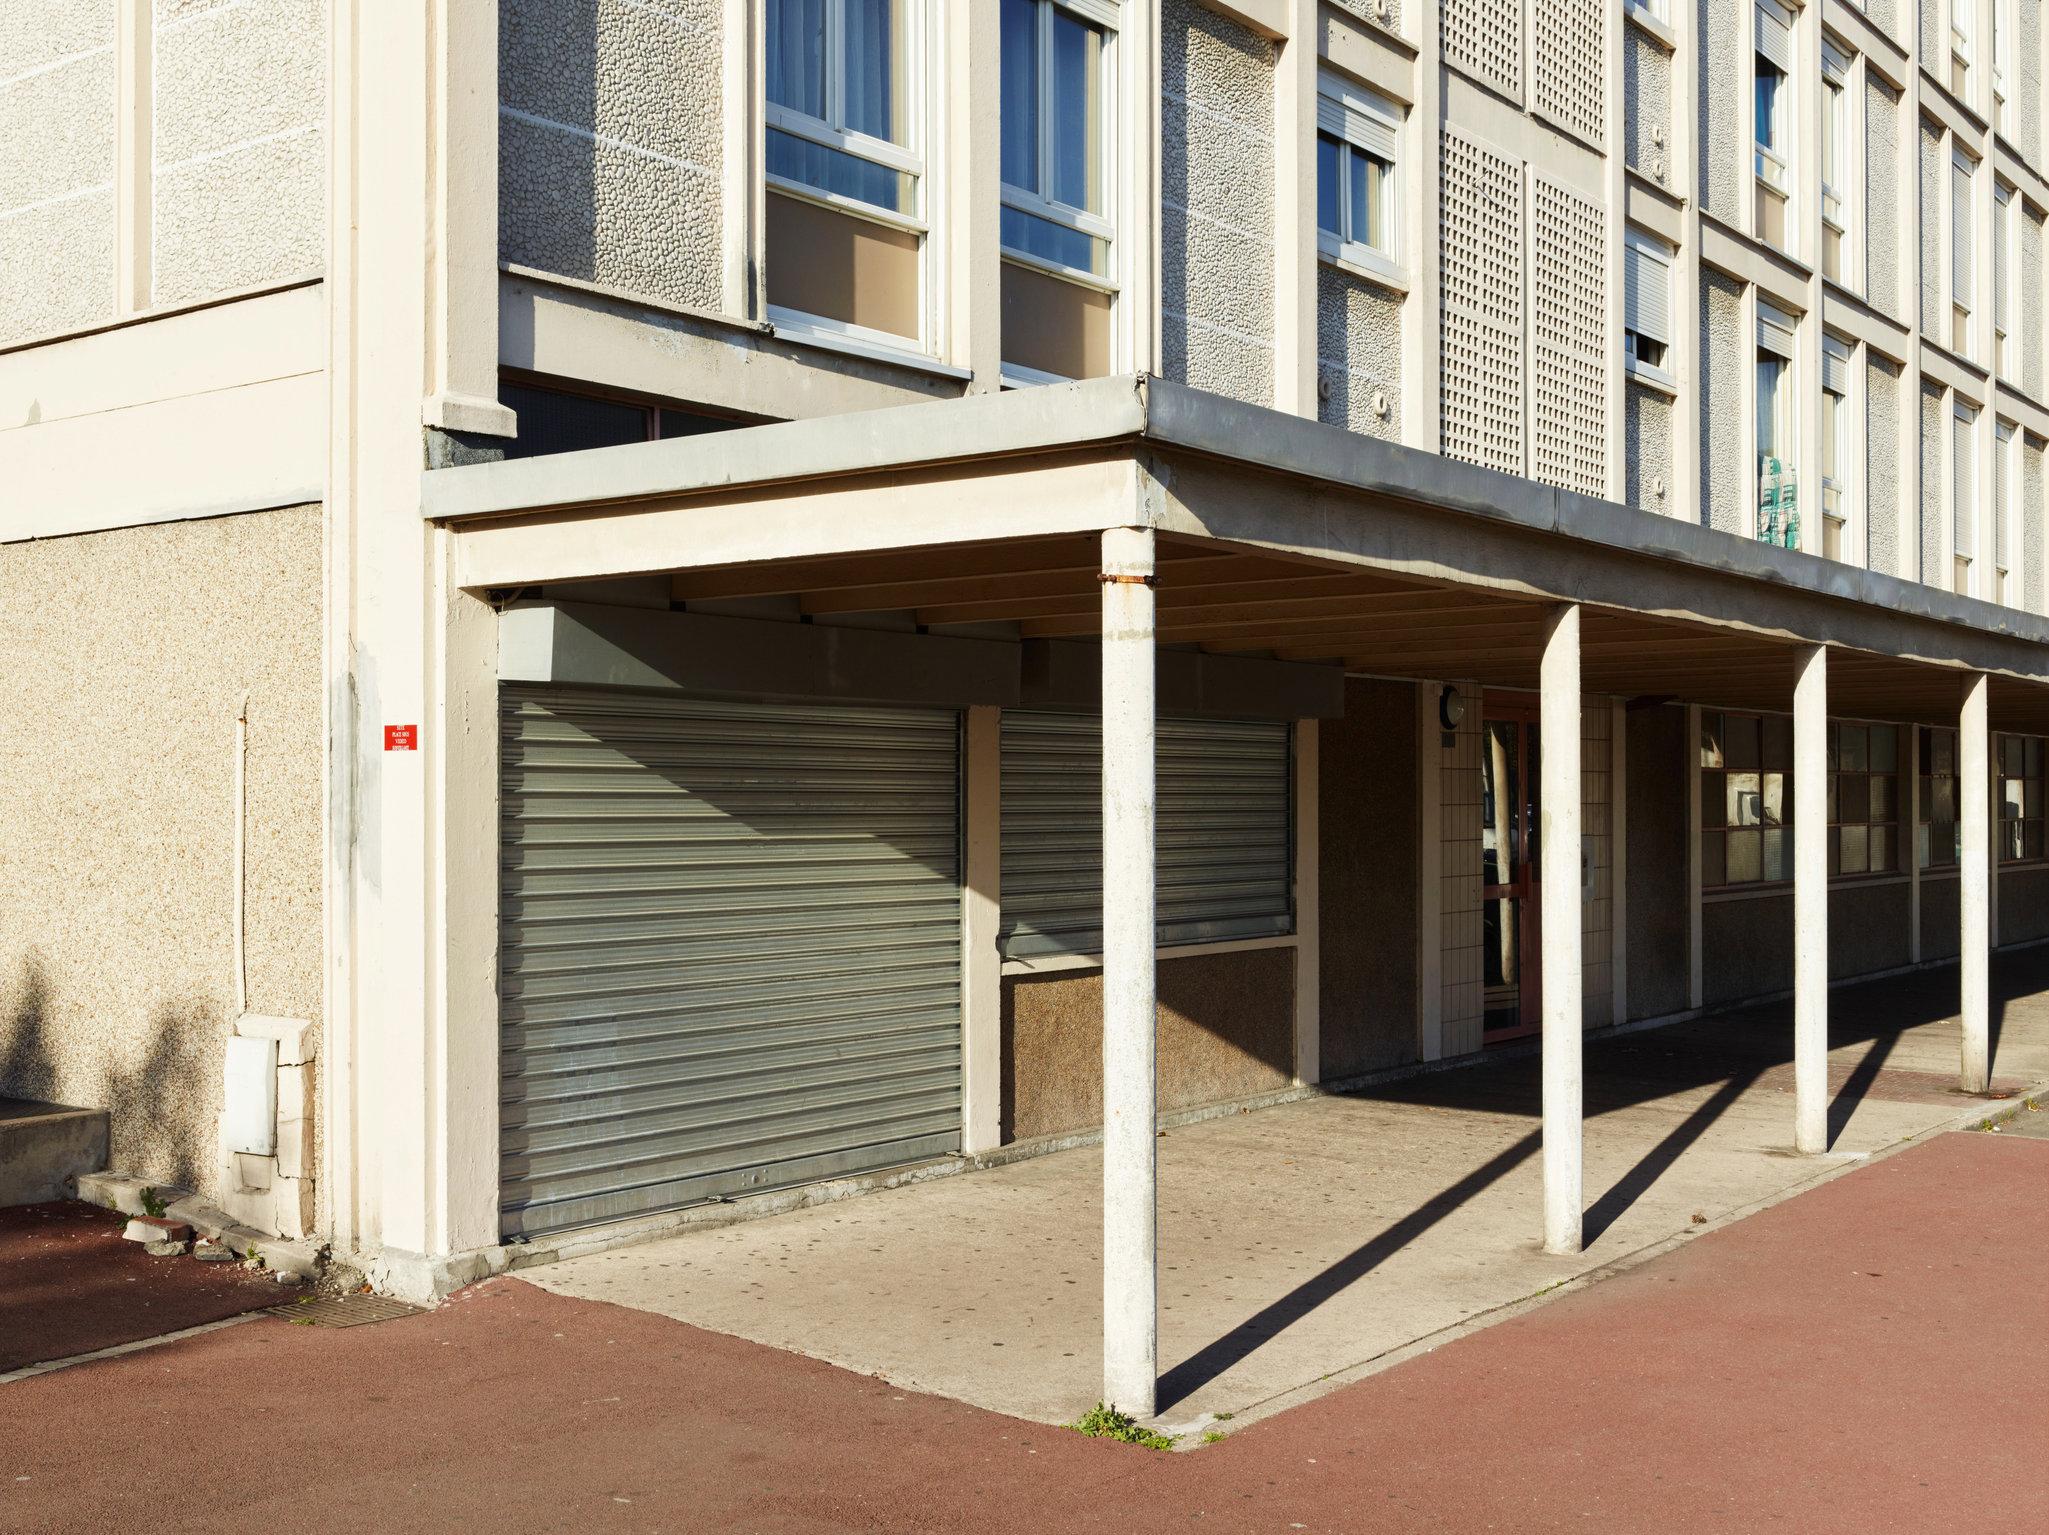 Drancy, France 2015